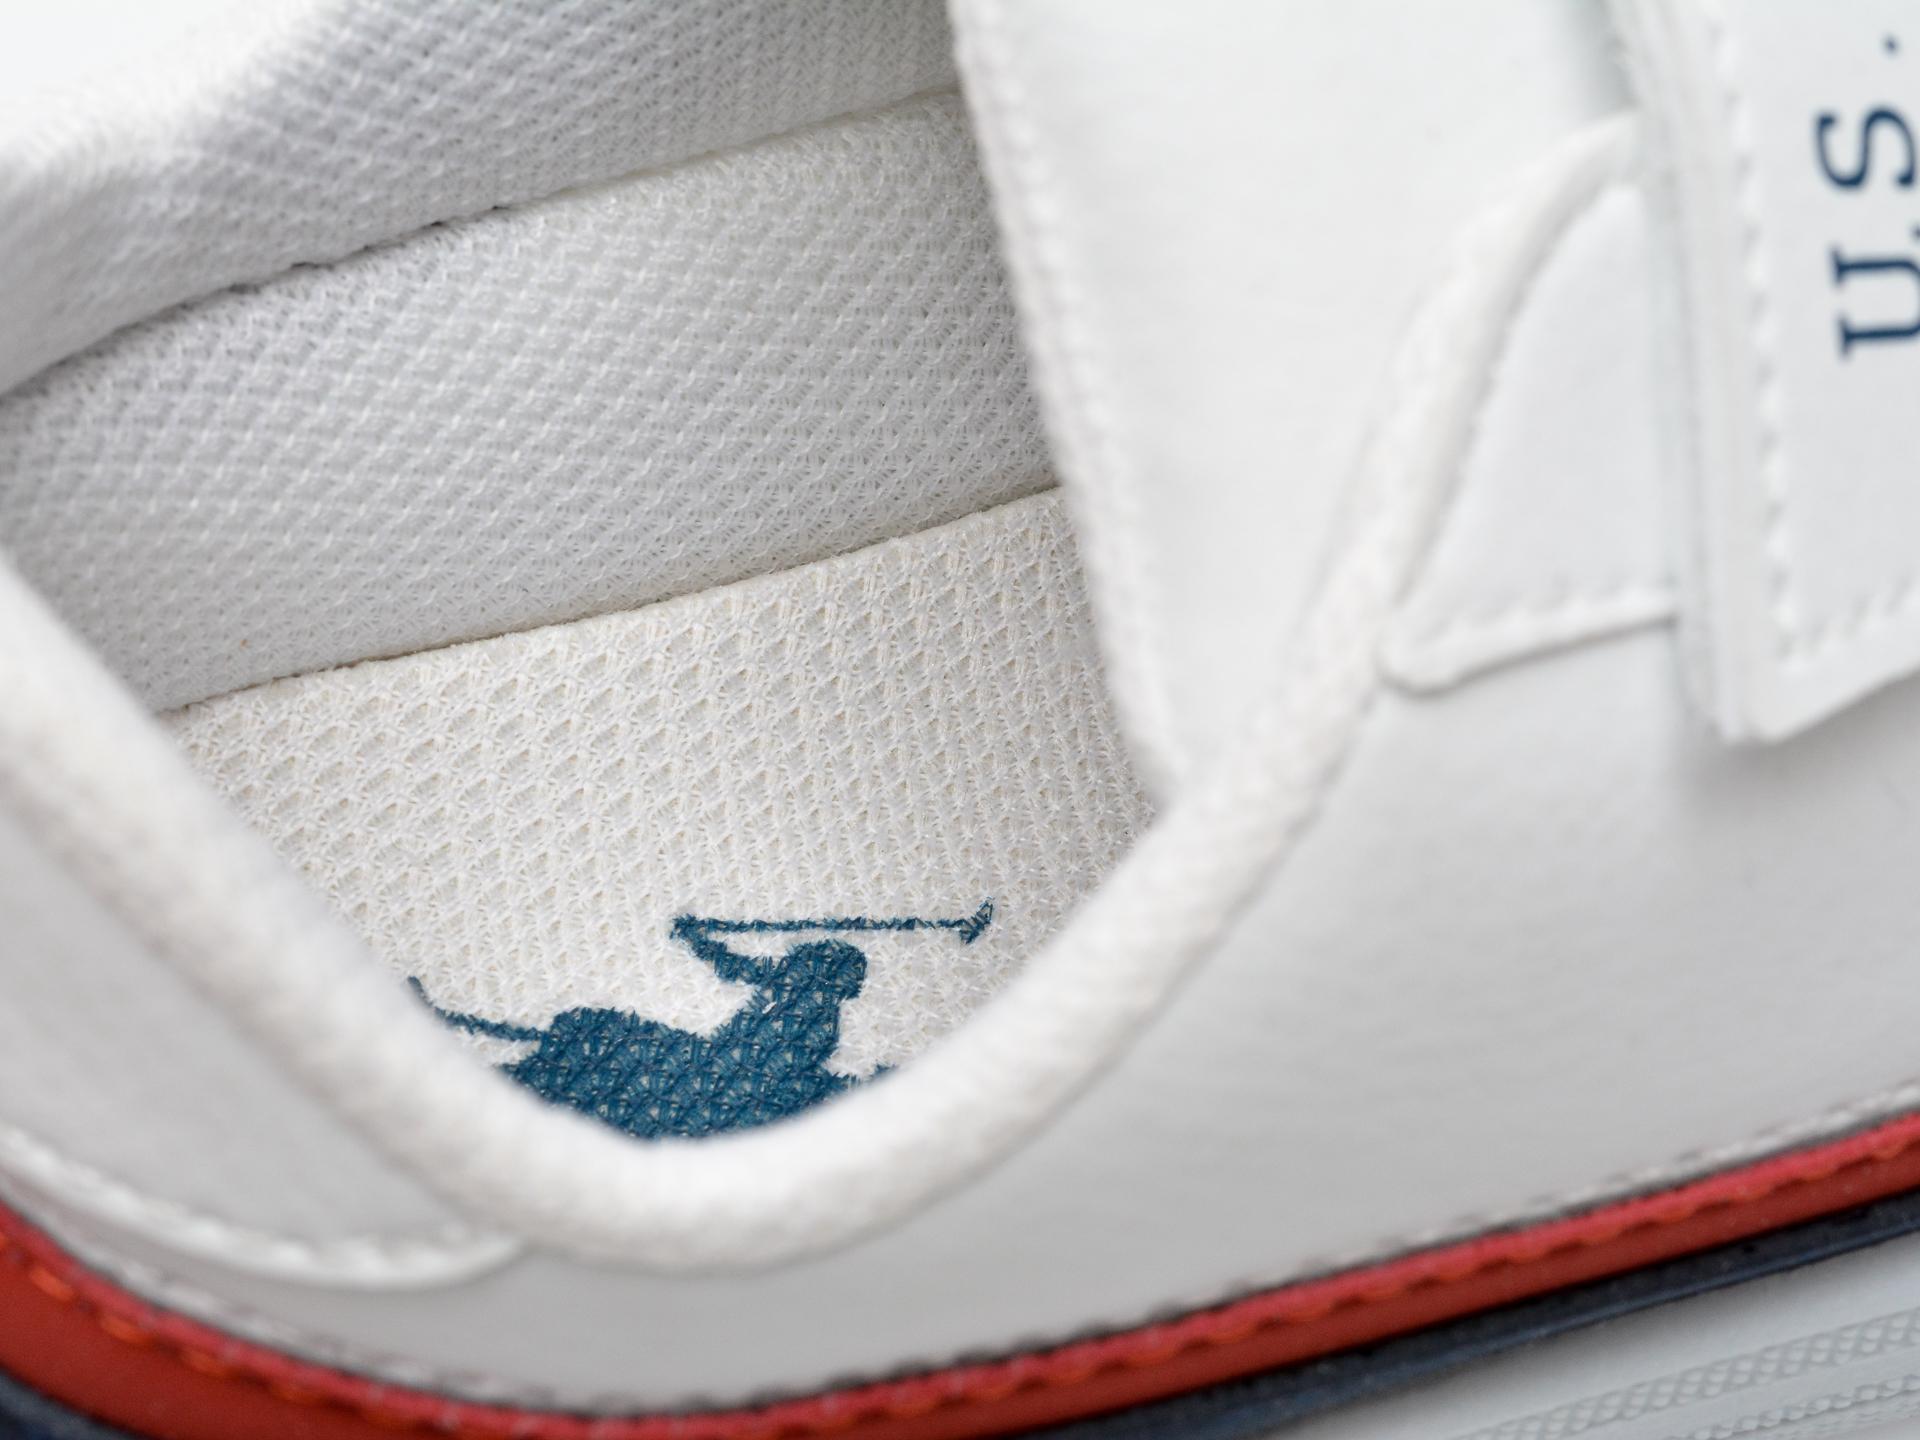 Pantofi sport US POLO ASSN albi, JAMA1FX, din piele ecologica - 3